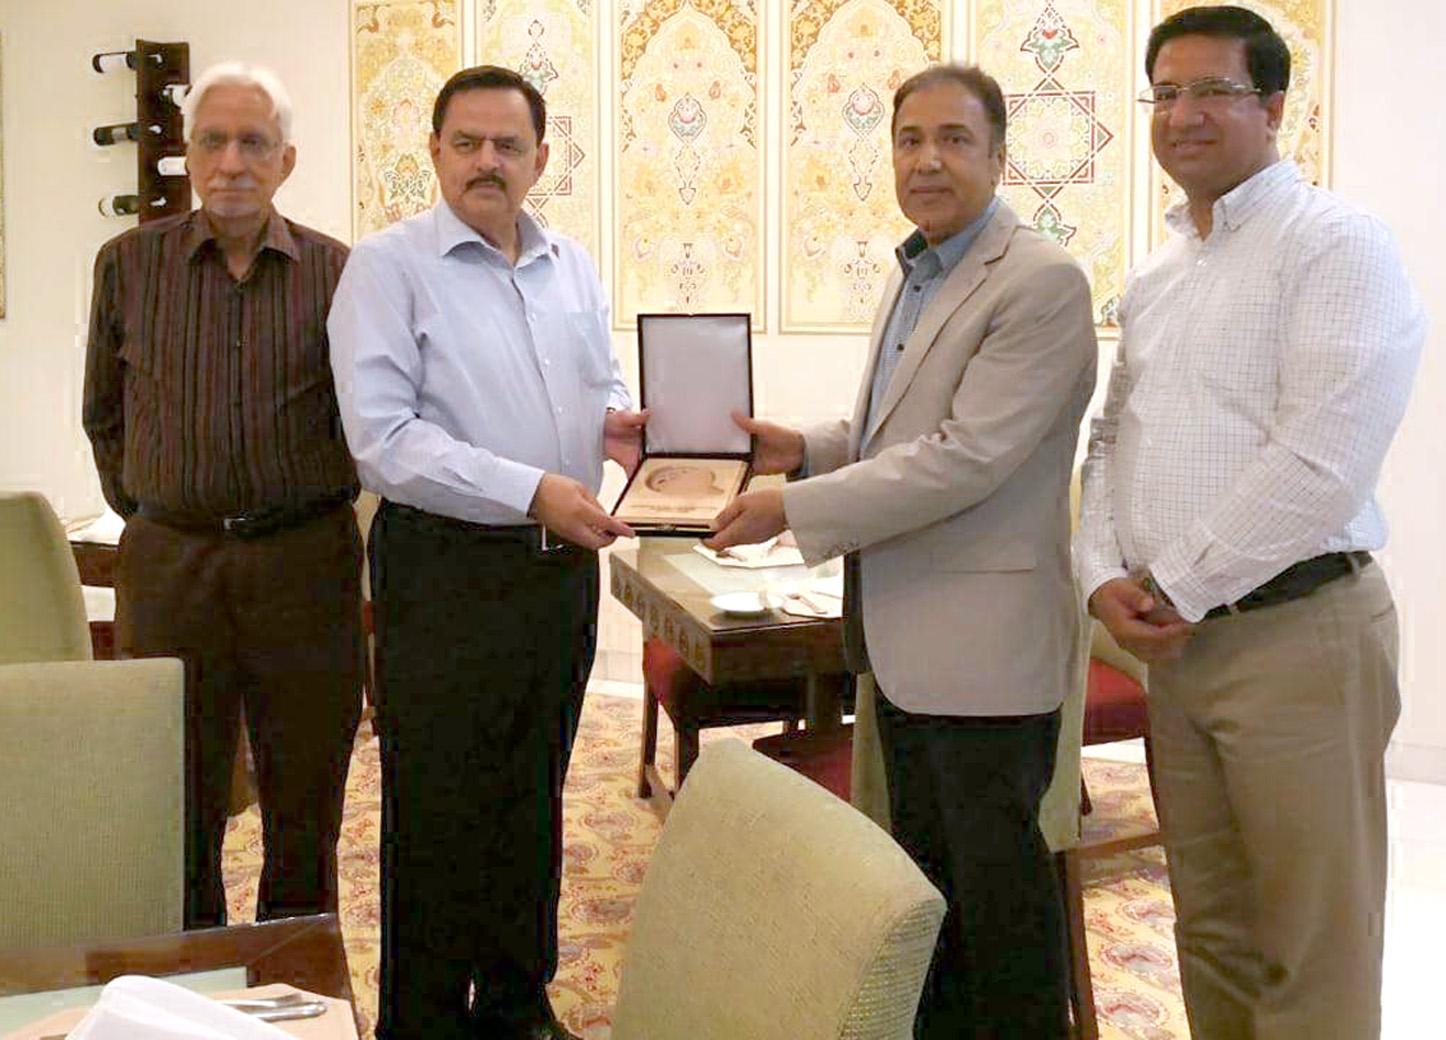 دوشنبے:۔ تاجکستان میں پاکستان کے سفیر طارق اقبال سومرو سی جی ایس ایس کے صدر میجر جنرل(ر) خالد امیر جعفری کو یادگاری شیلڈ پیش کر رہے ہیں، کرنل (ر) تیمور اکرم اور غلام اکبر بھی ہمراہ ہیں